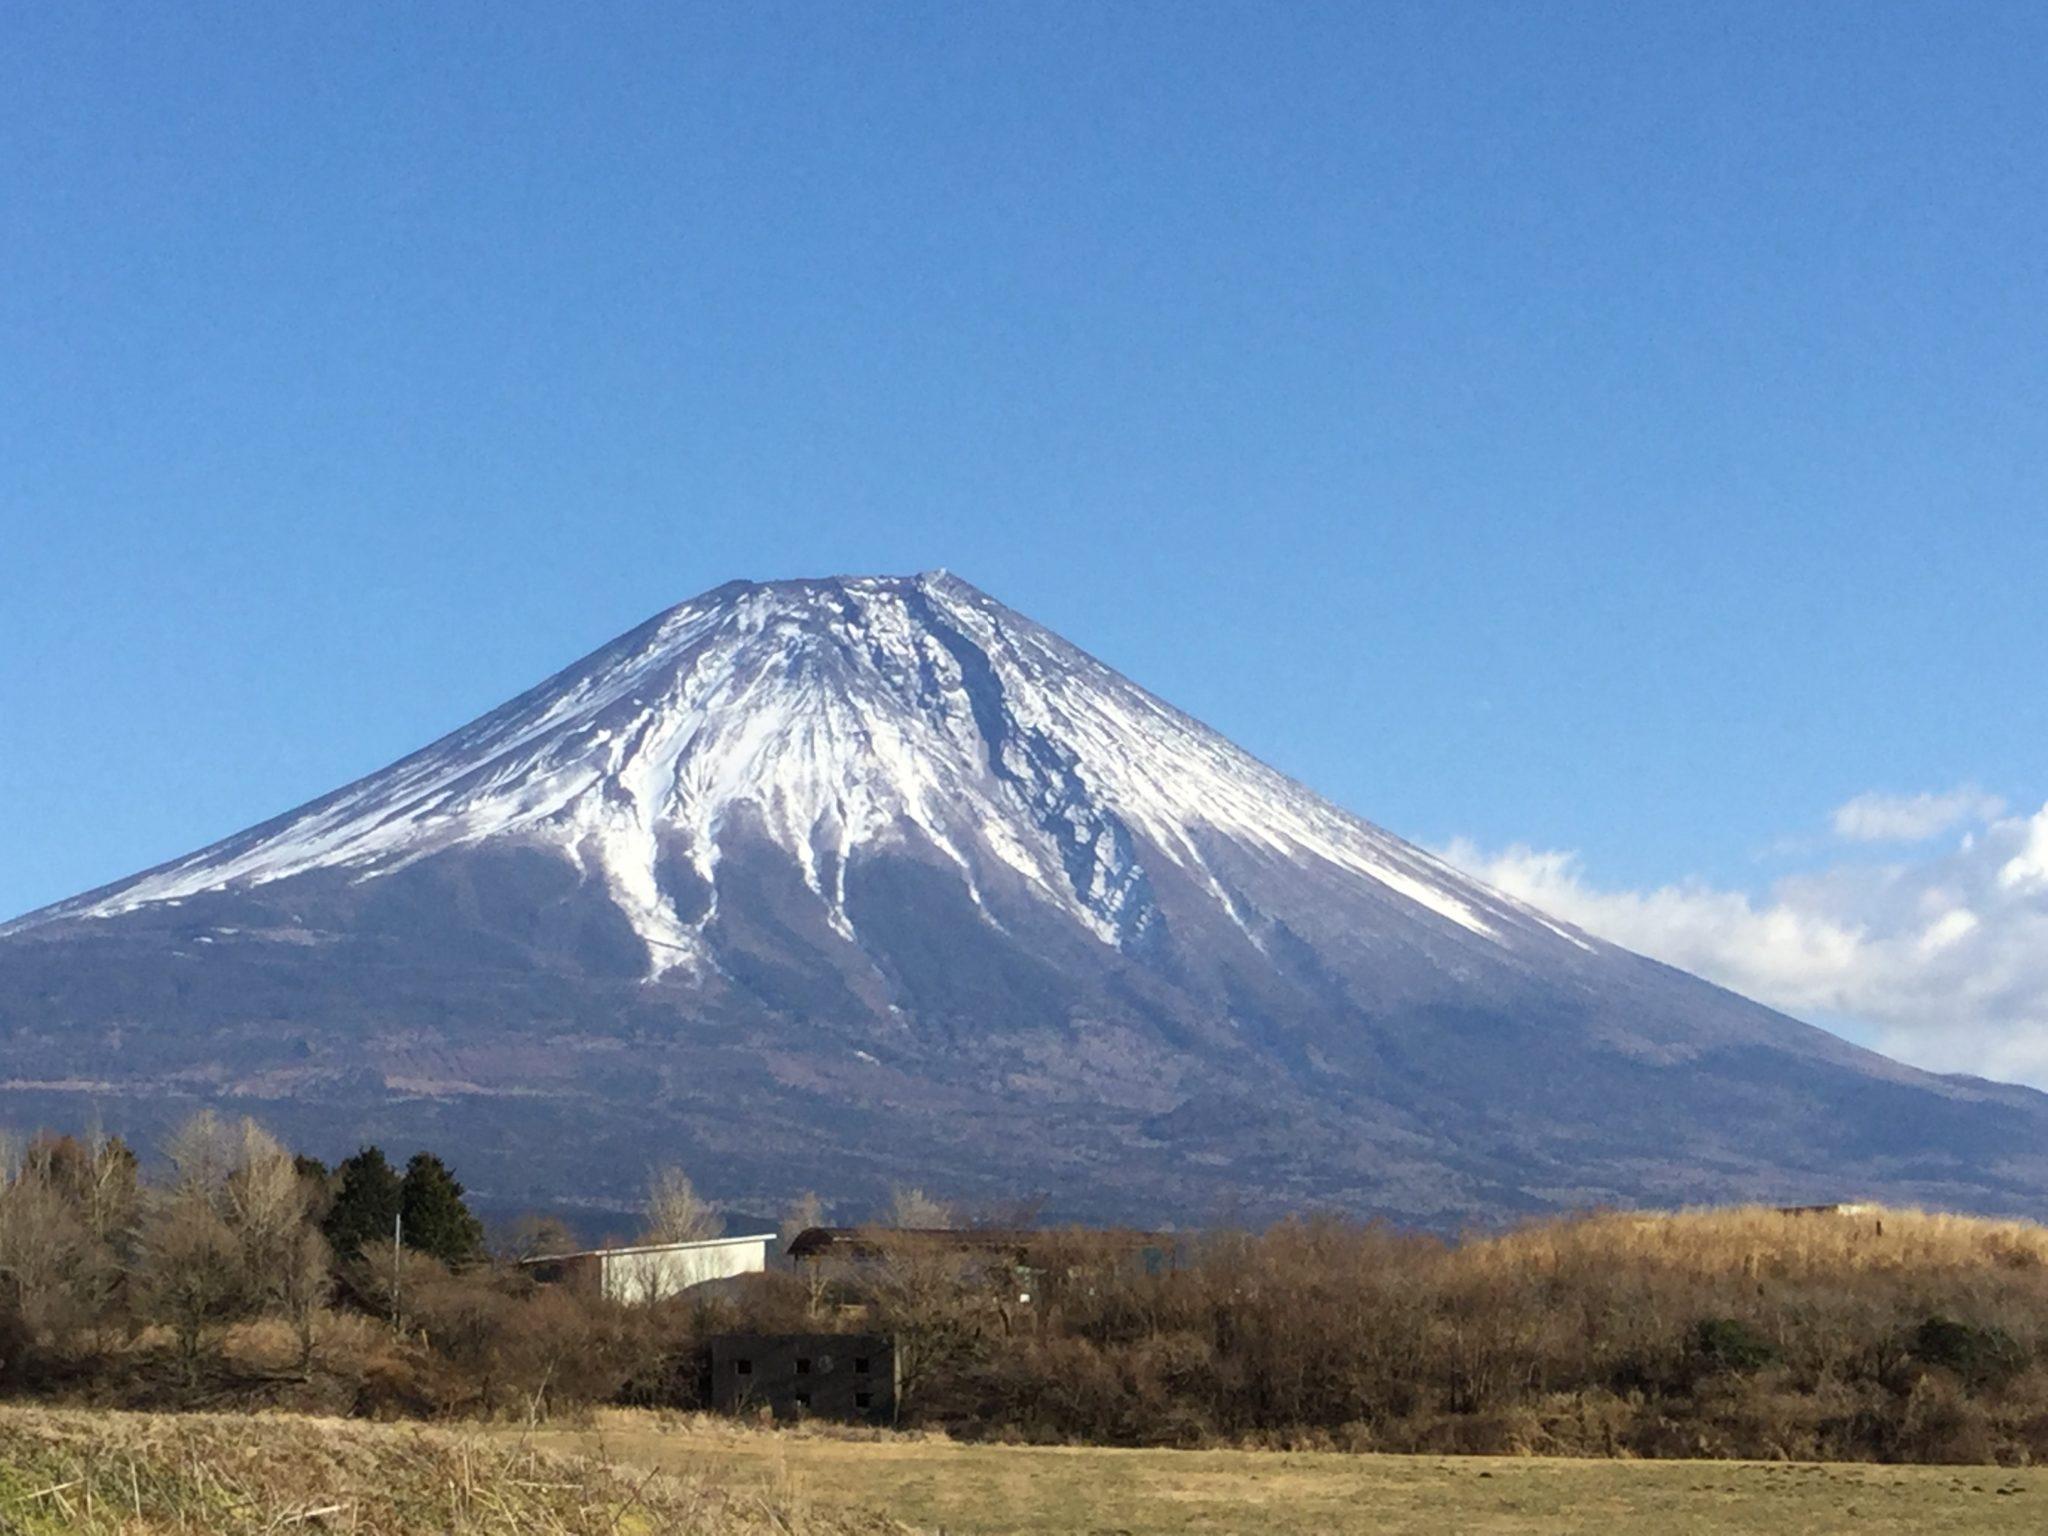 富士山の不思議 玄武岩質の溶岩を噴出し続ける理由 | 弁護士 ...